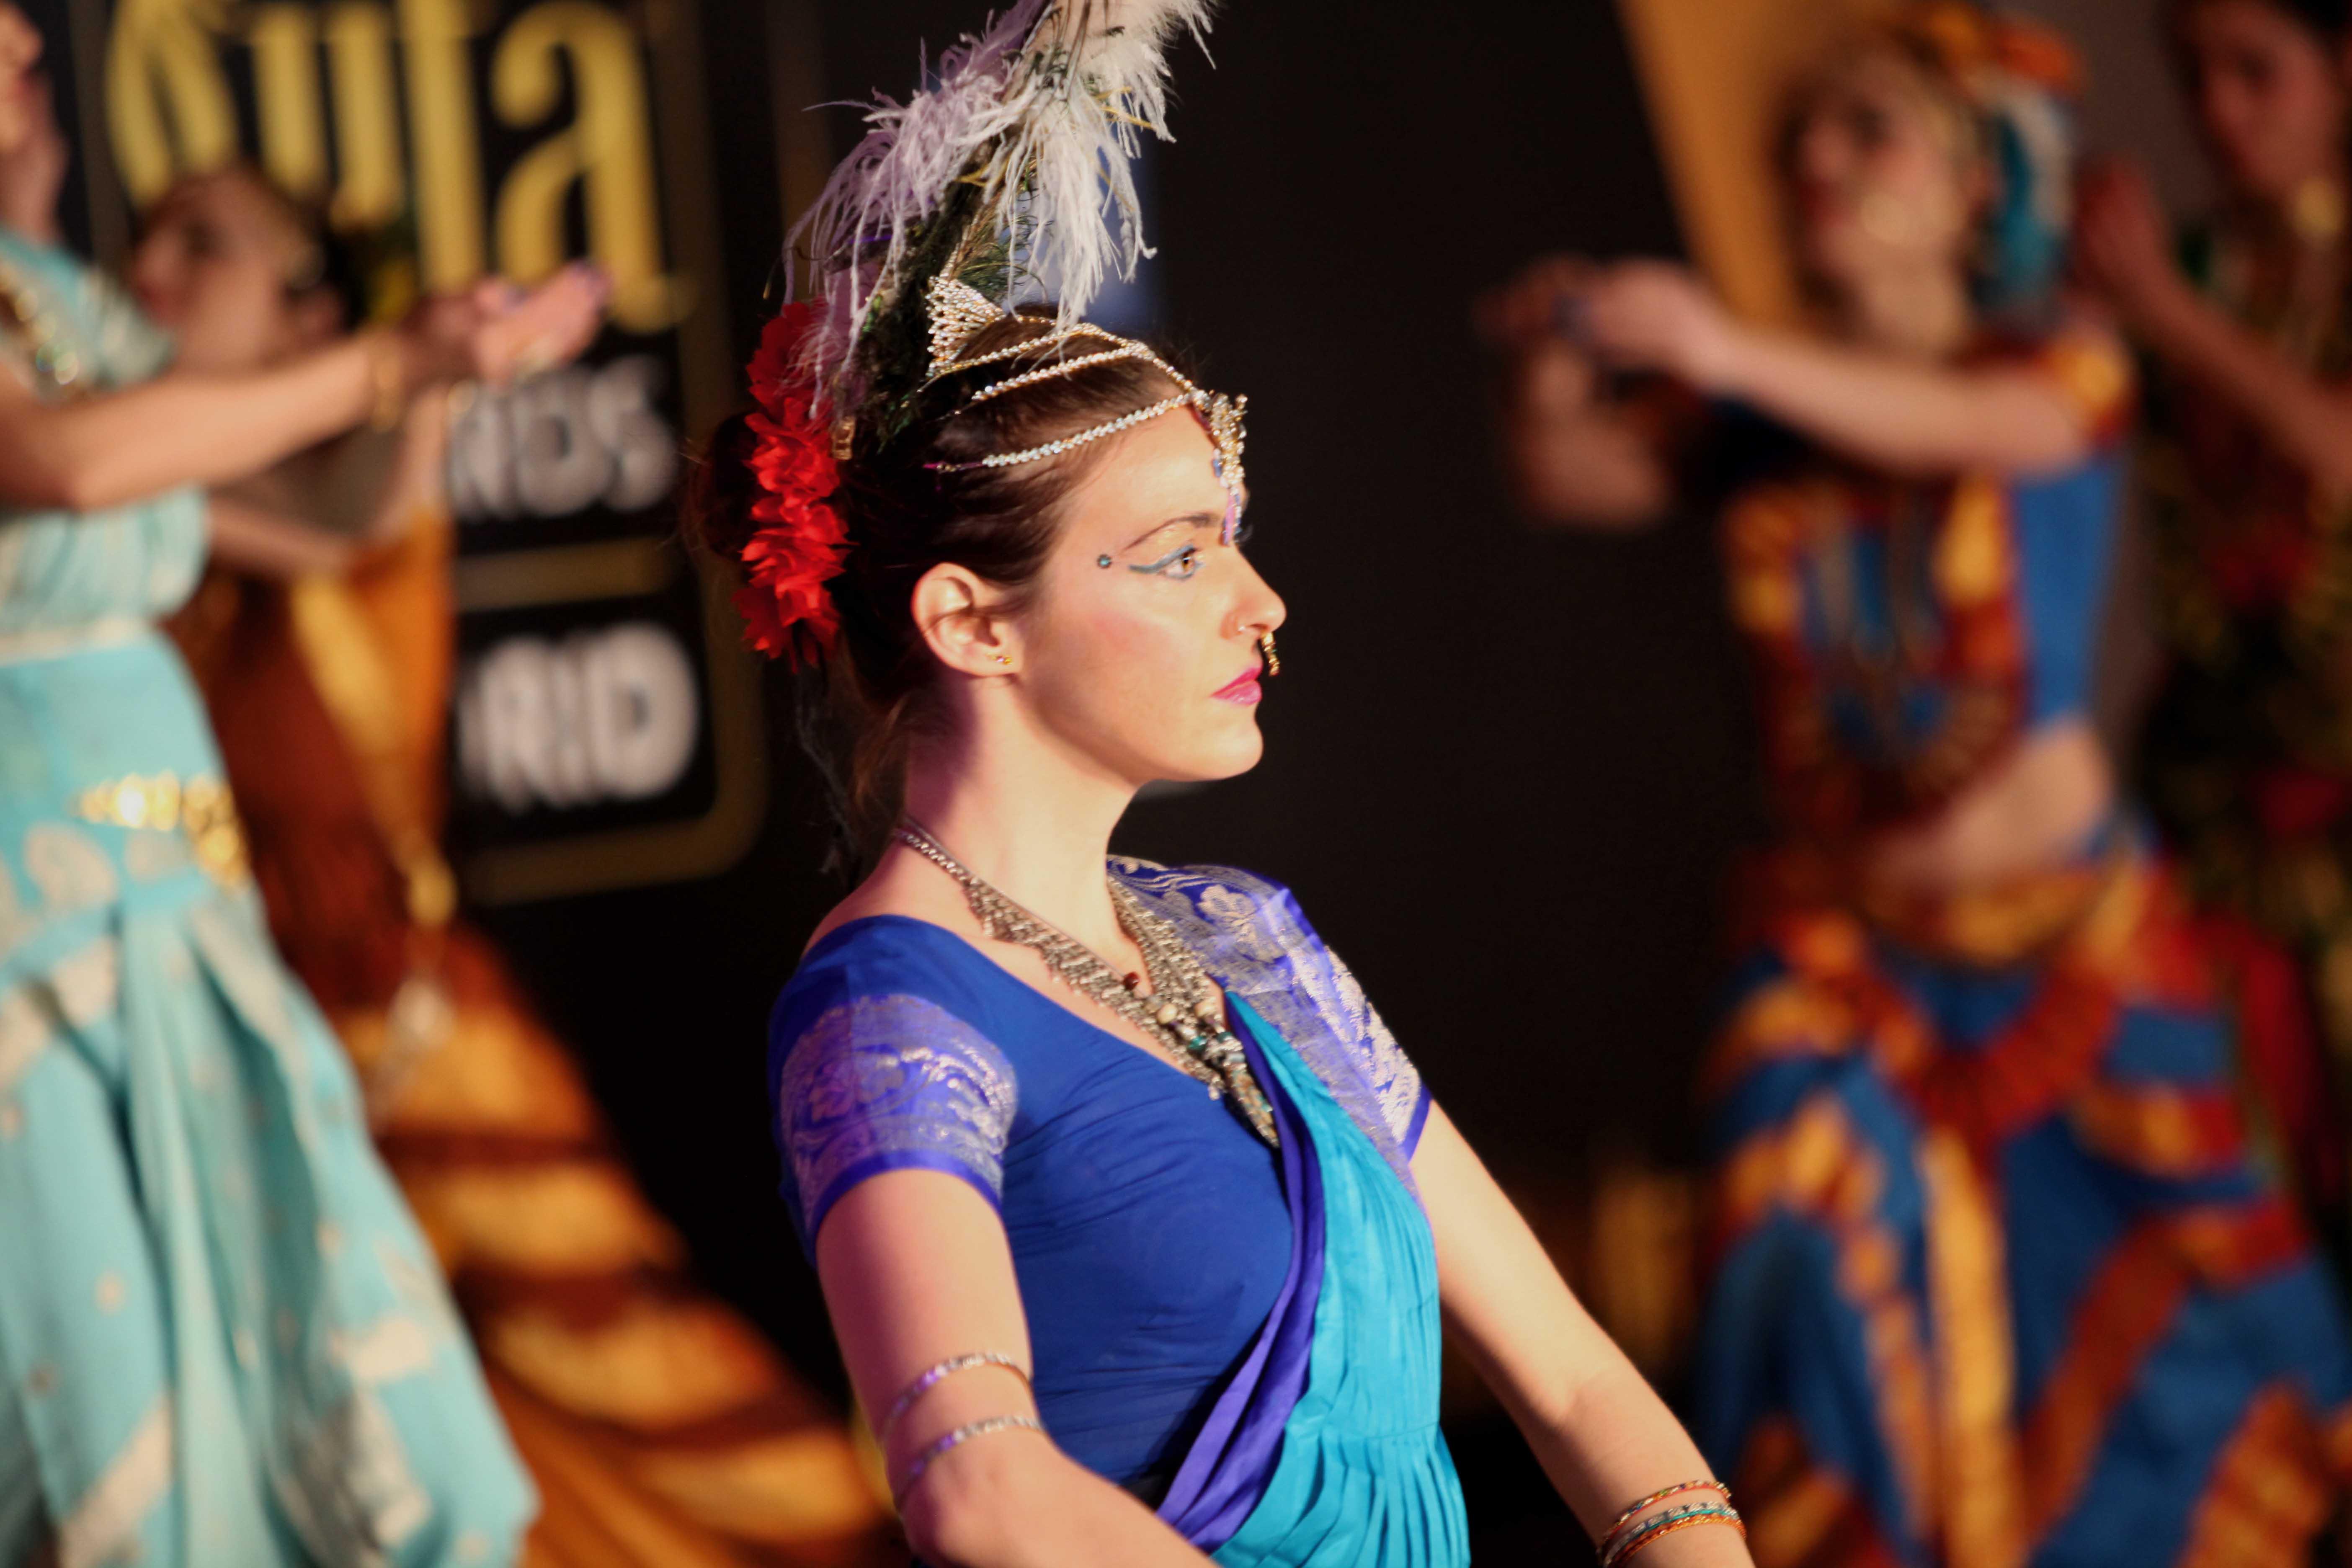 Bailarina en uno de los números intepretados en la presentación madrileña de los Premios de Bollywood el 14 de marzo de 2016. (Foto: IIFA)